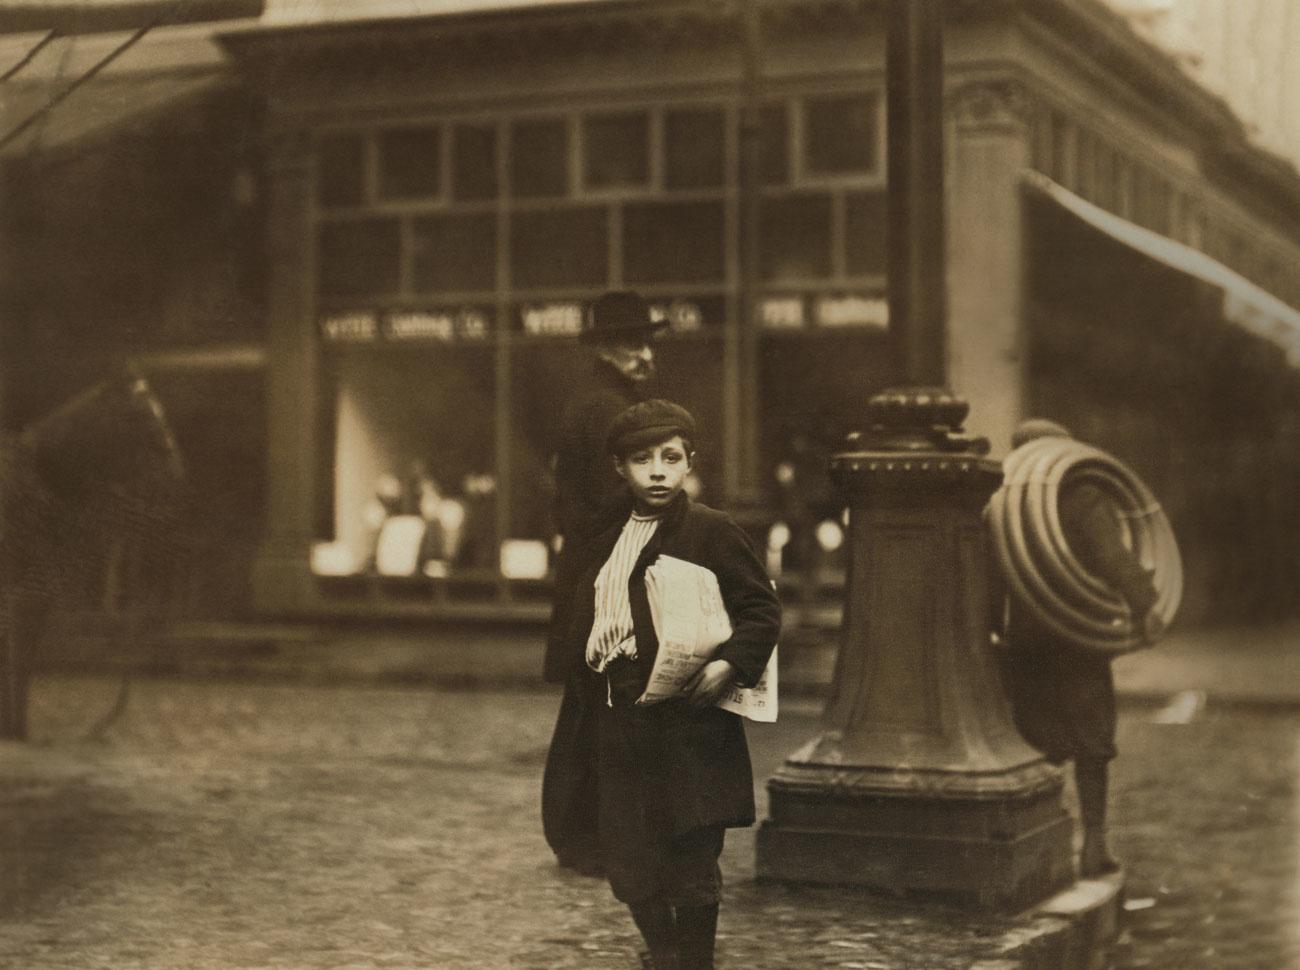 Jeune marchand de journaux, au coin d'Olive et de la 6e rue, St. Louis, Missouri, USA, photographié par Lewis Hine., Lewis Hine for National Child Labor Committee, Getty Images